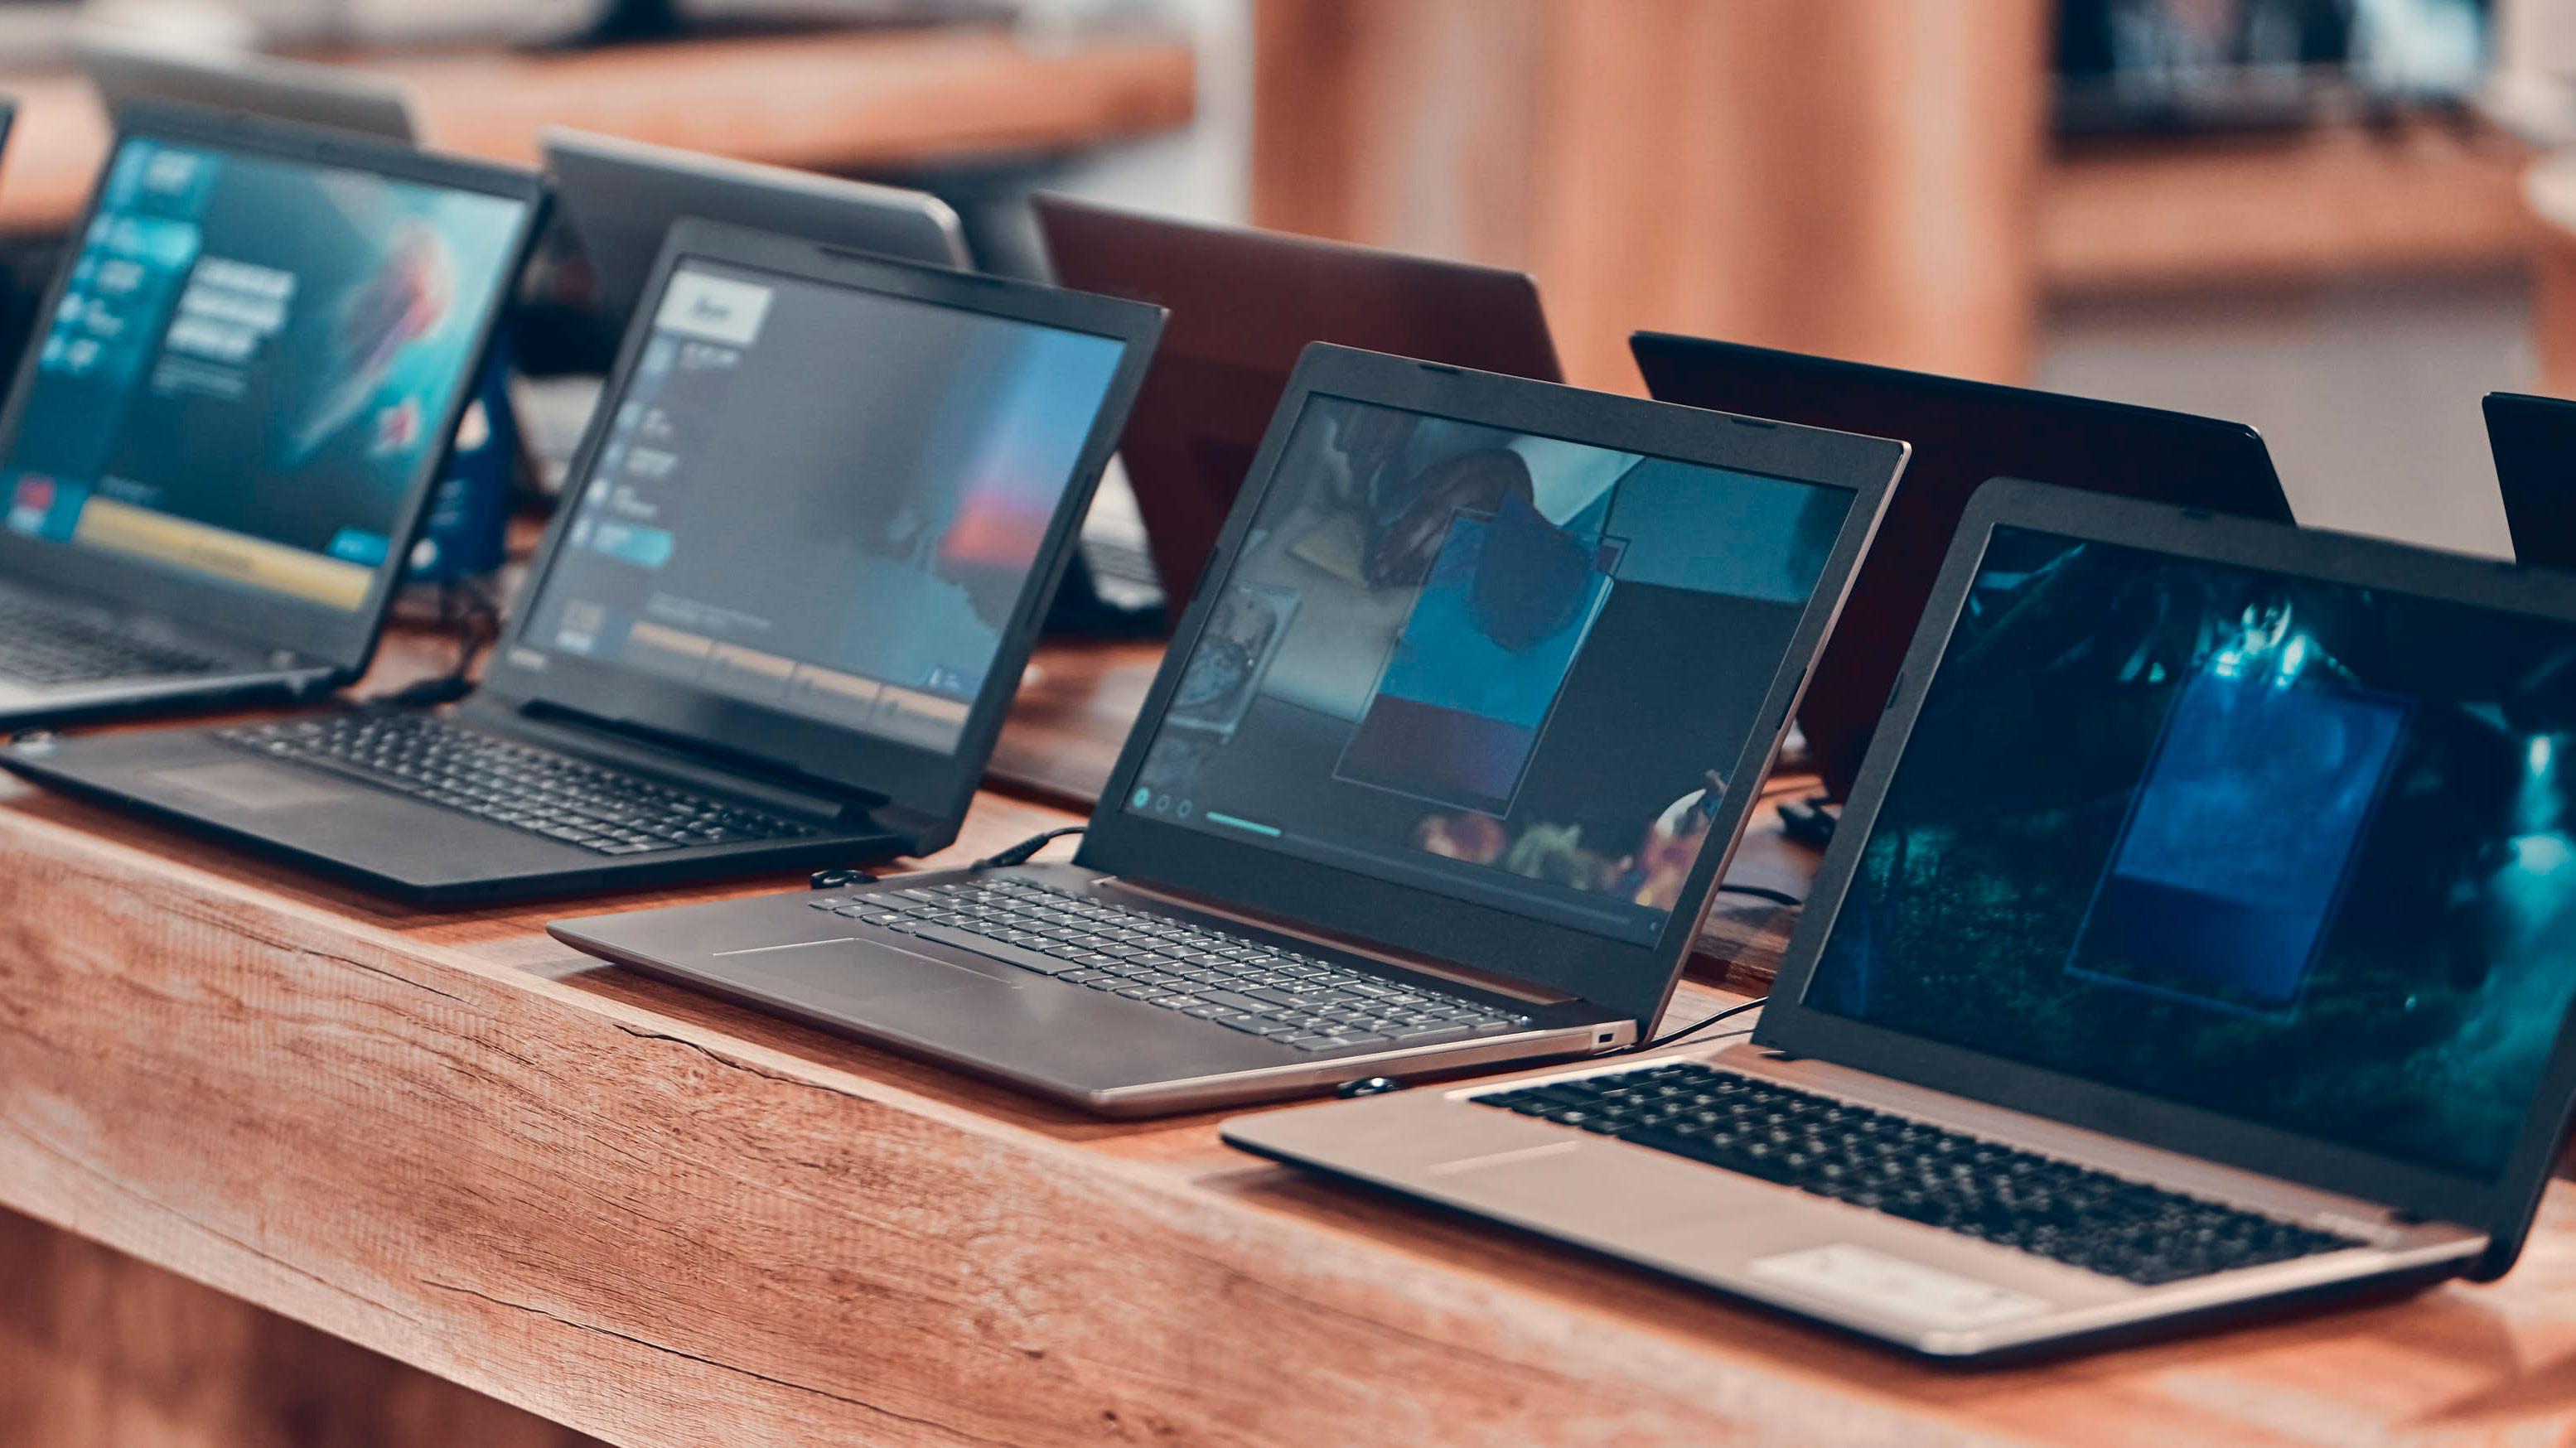 <p>Venta de laptops comenzaría a desacelerarse en el segundo semestre</p>